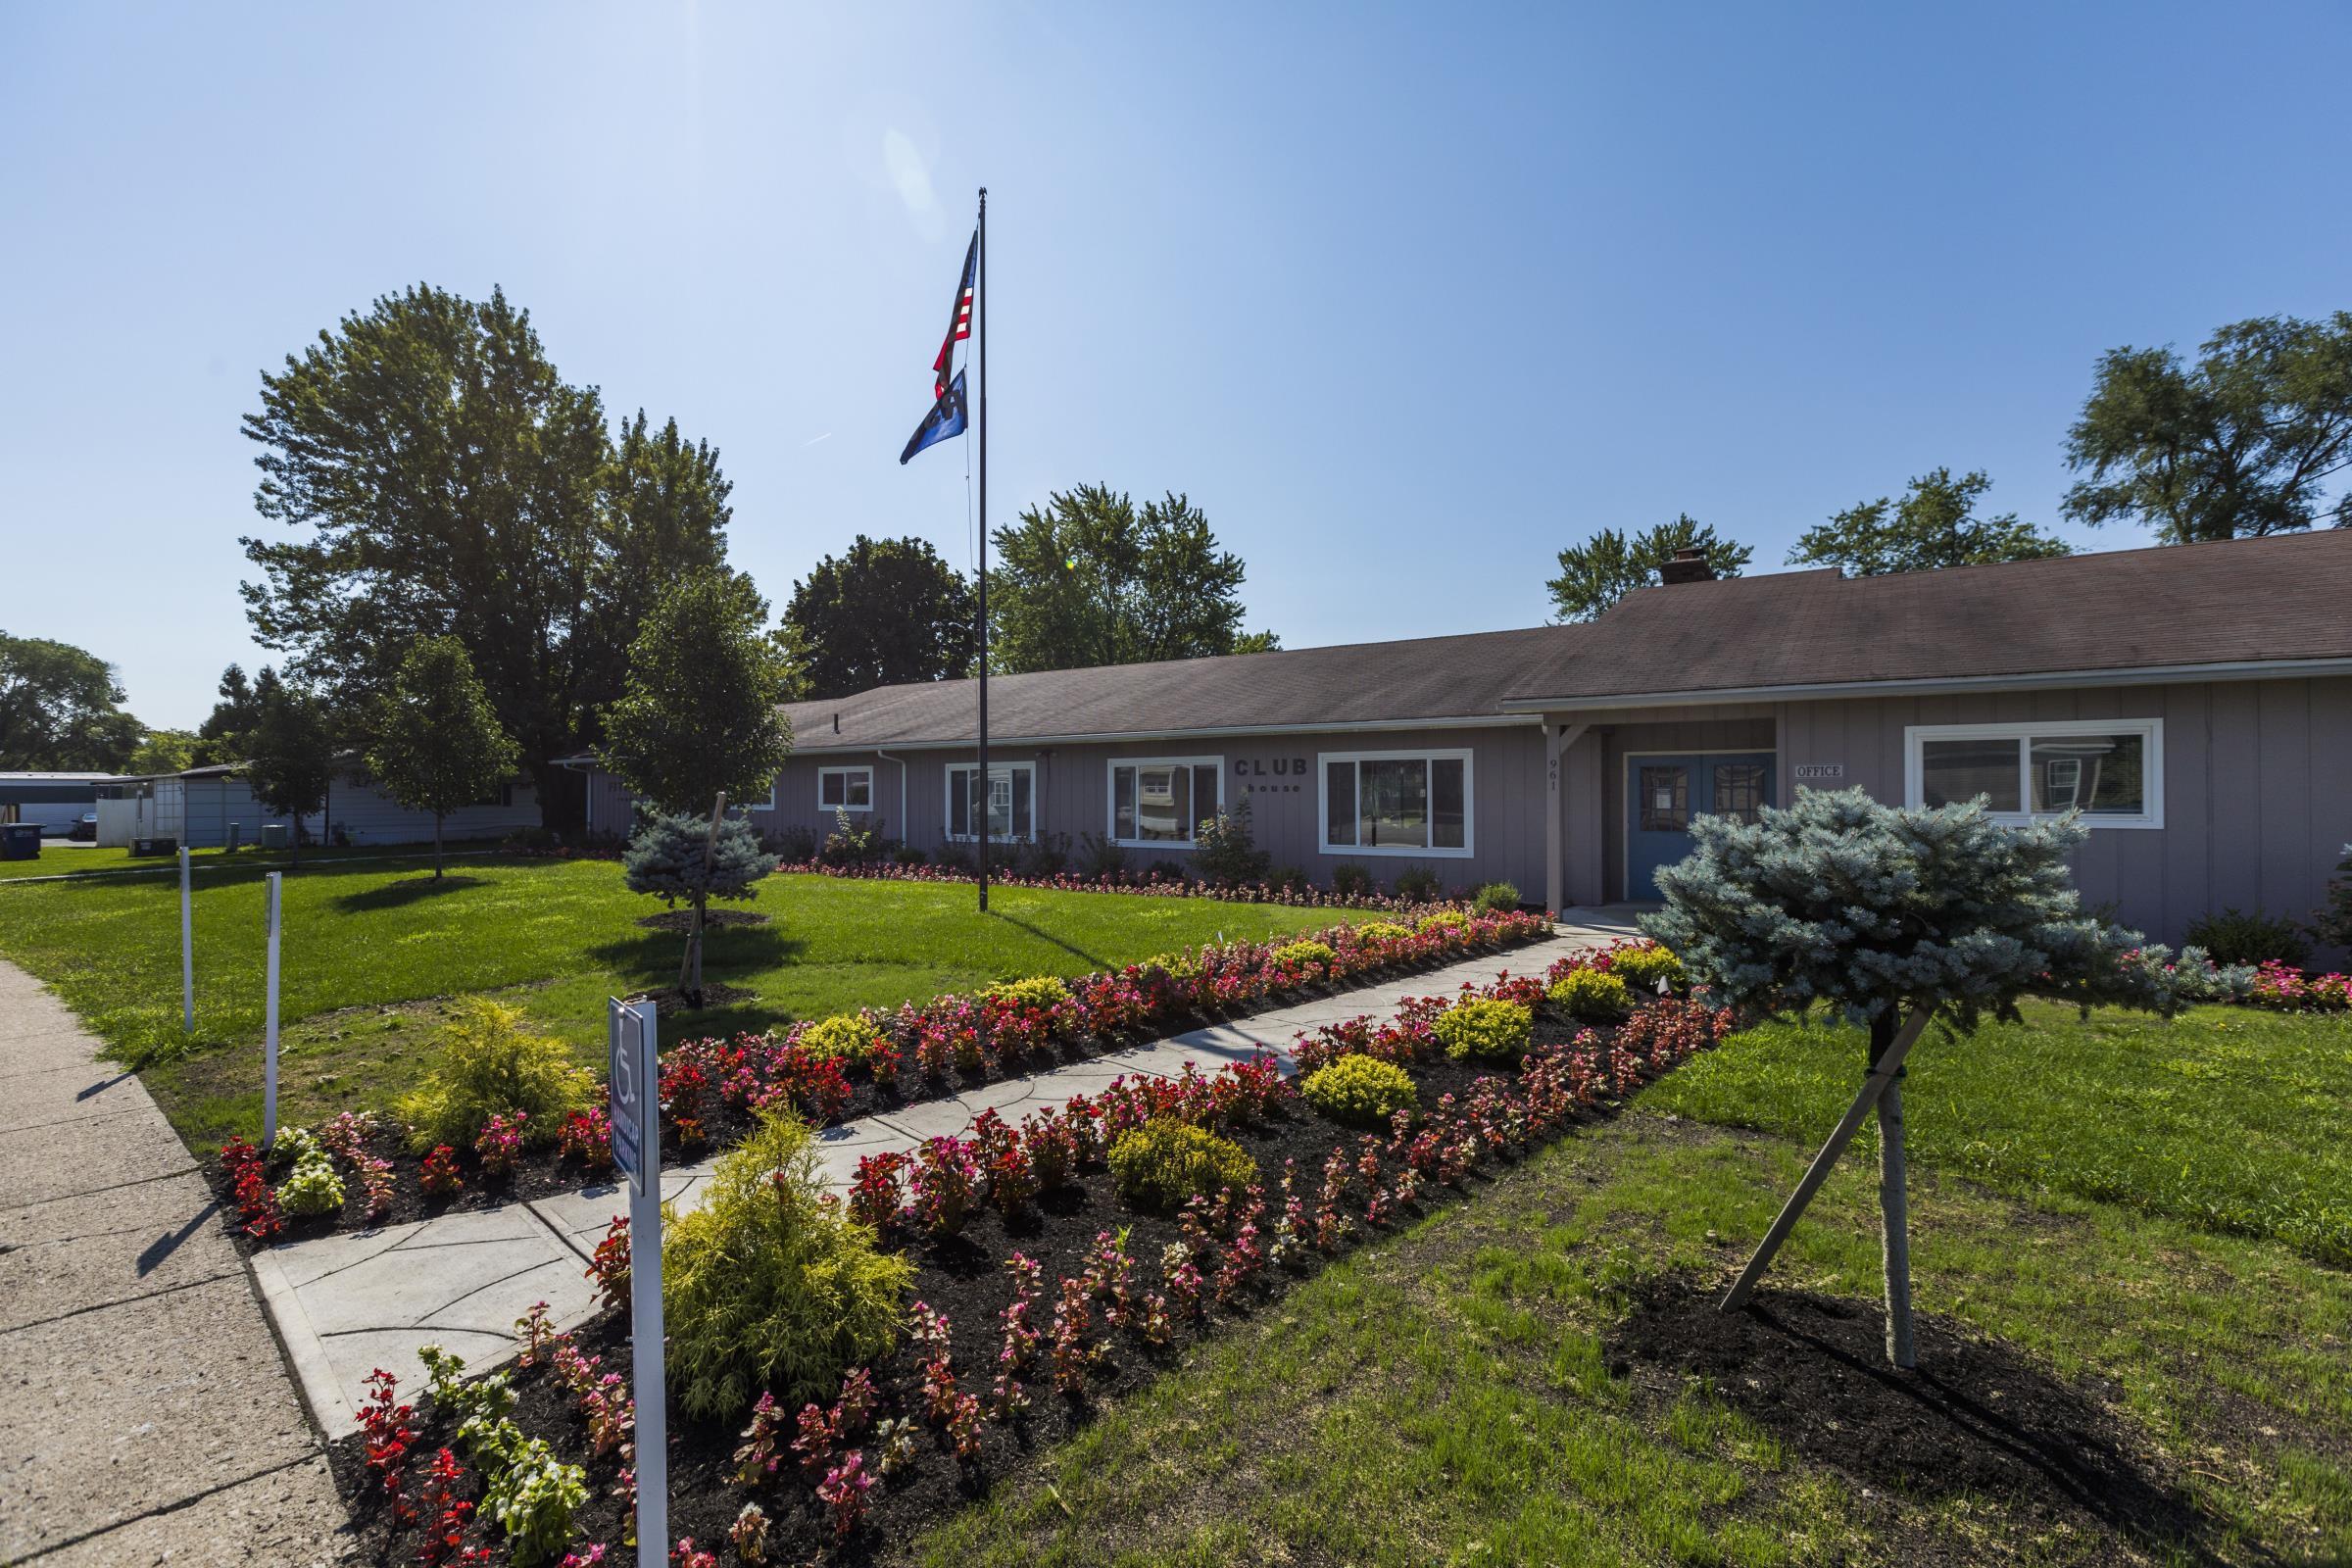 Reynolds Senior Village (55+ Community)